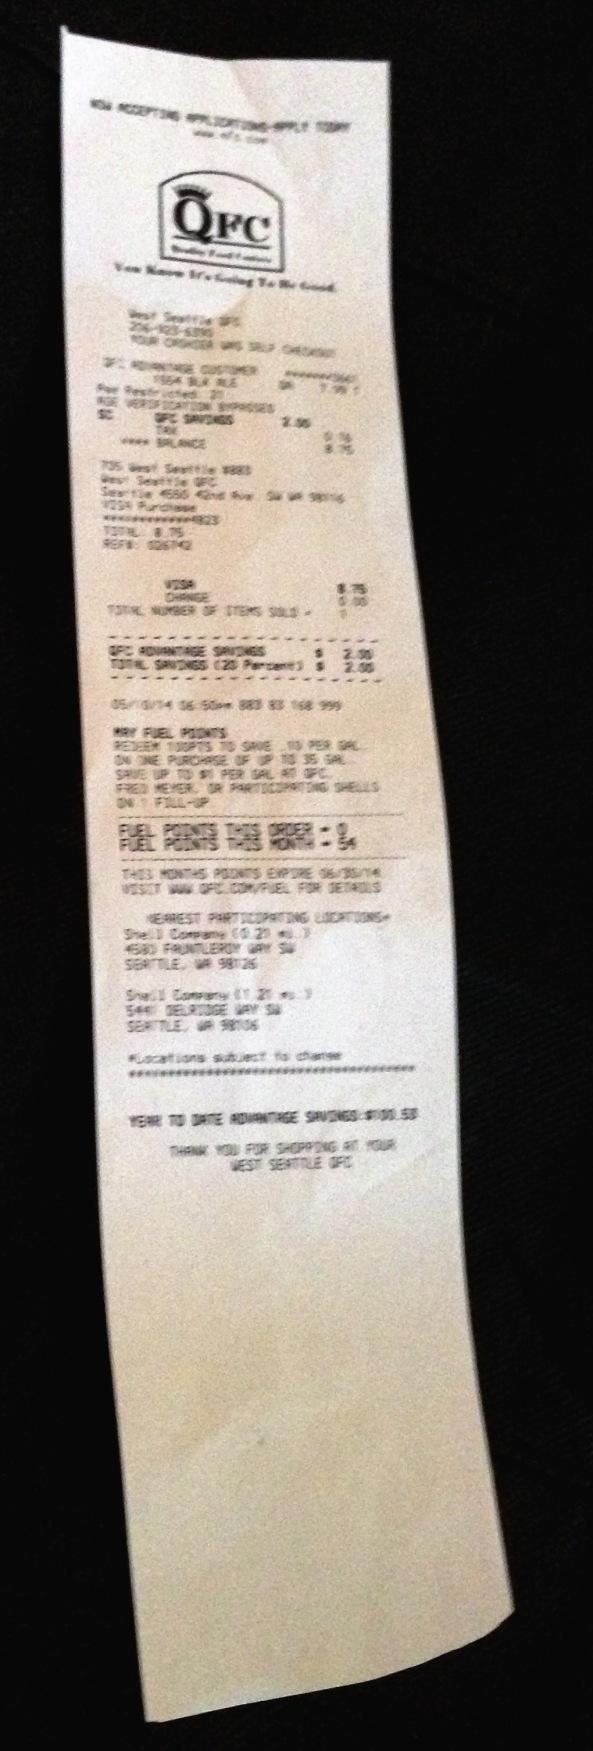 QFC receipt